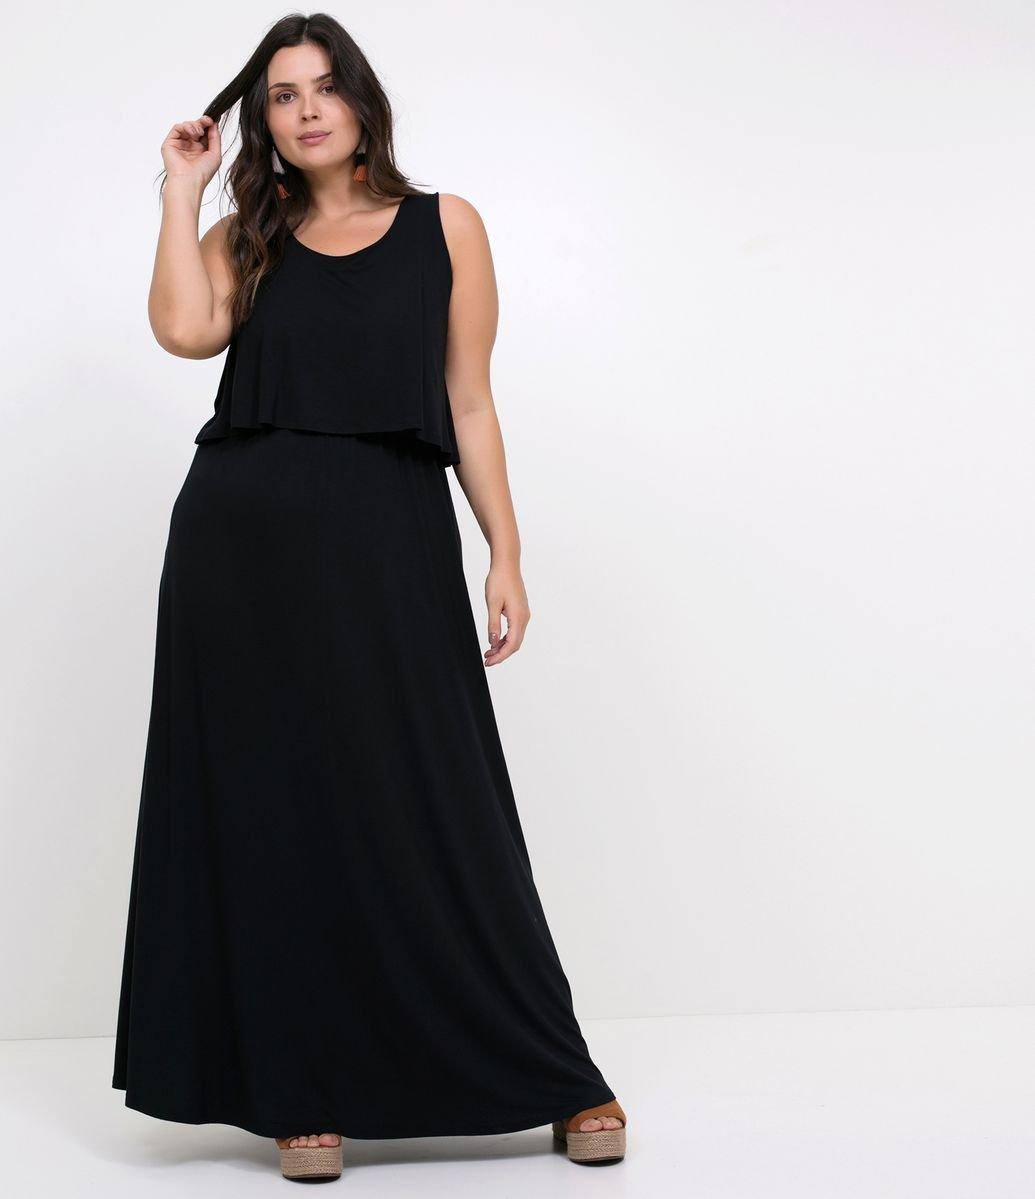 bdae87d396 Vestido longo plus size  85 modelos para você compor looks arrasadores